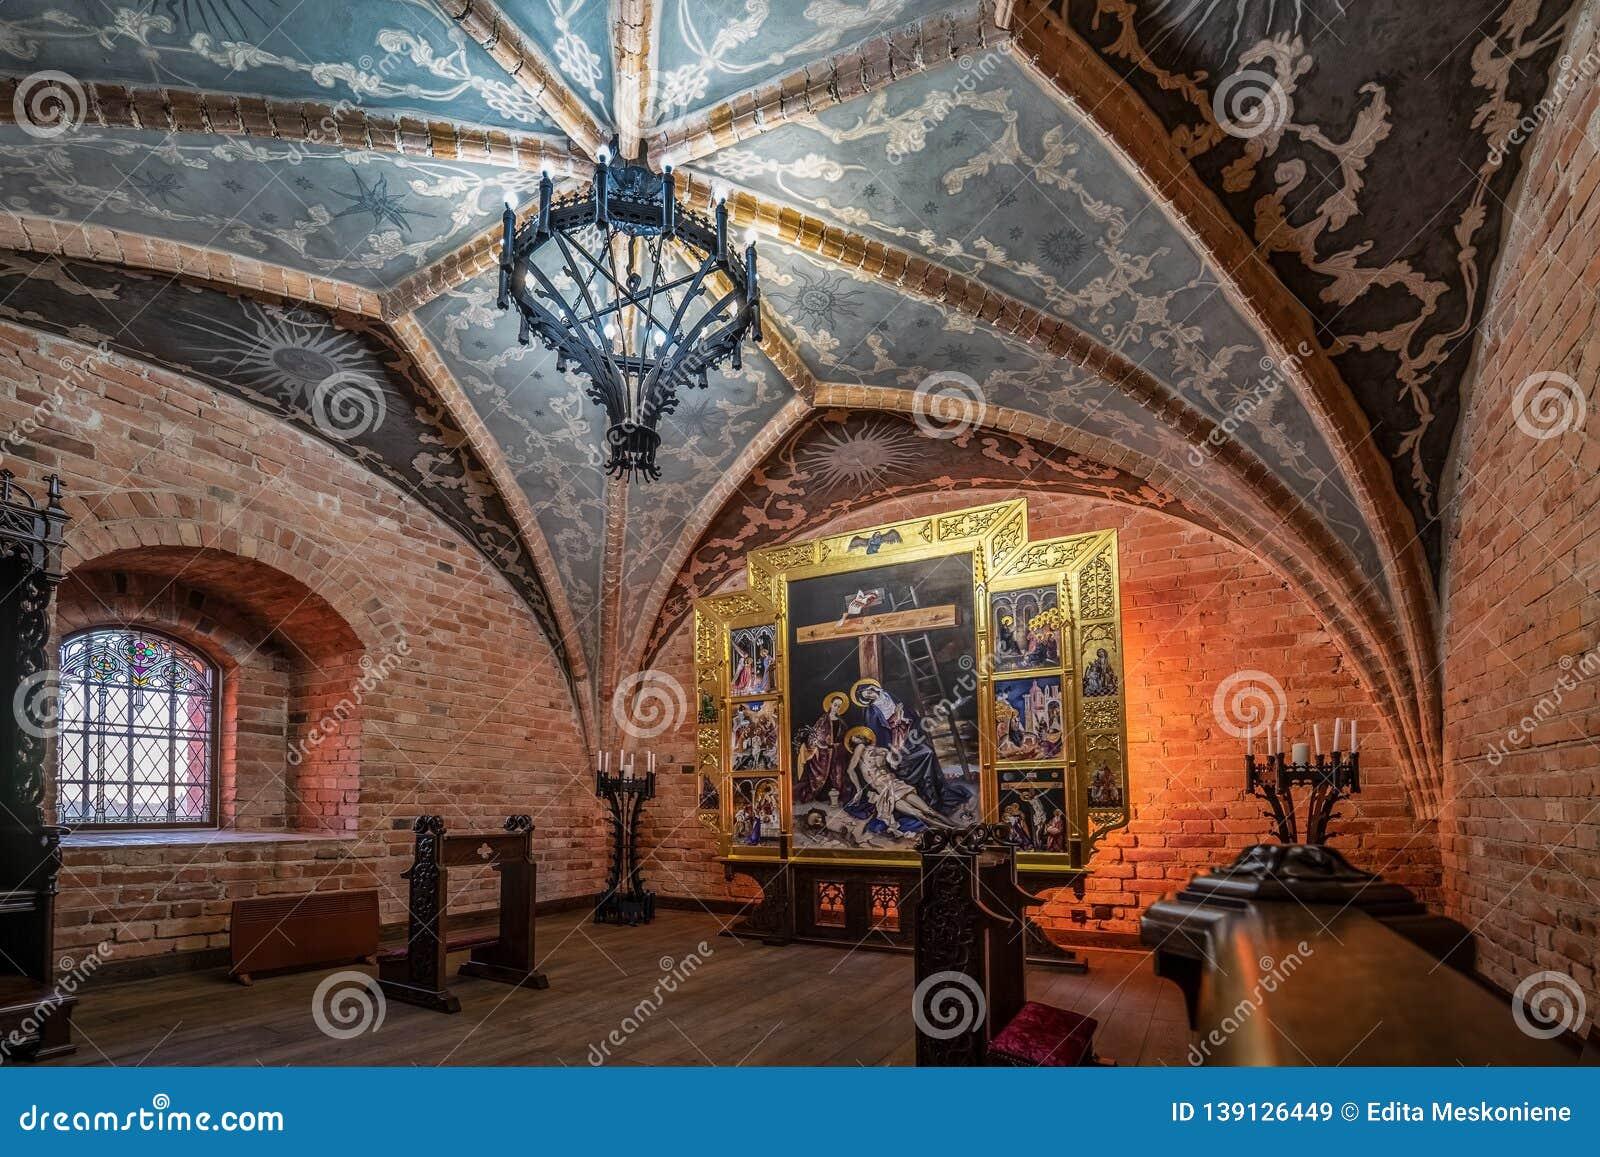 Trakai Island Castle restored Chapel in Lithuania